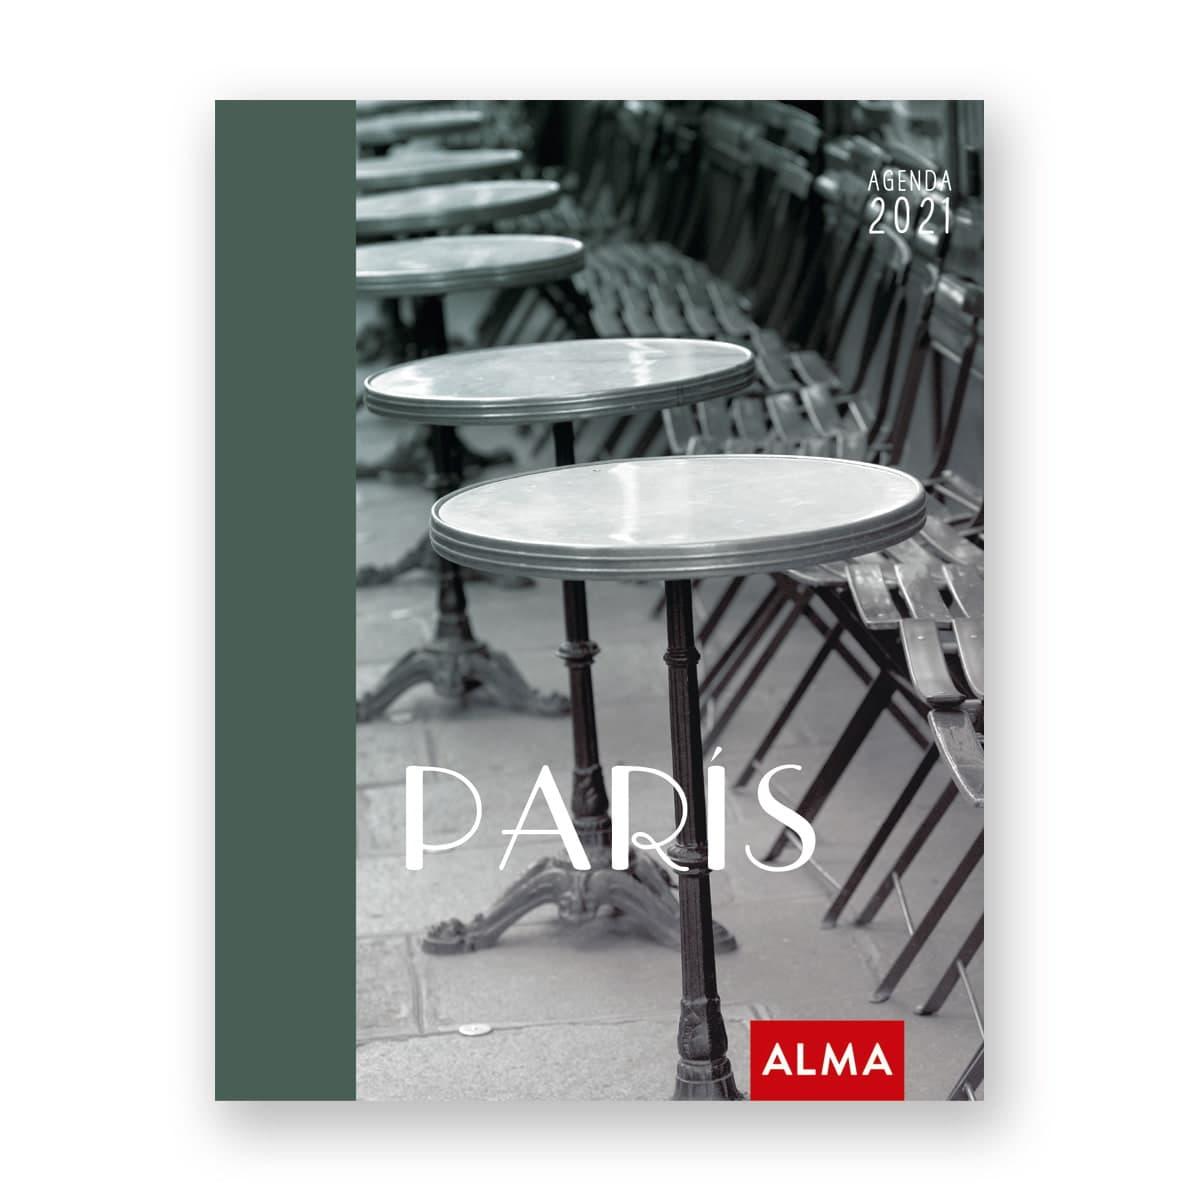 Agenda Paris 2021